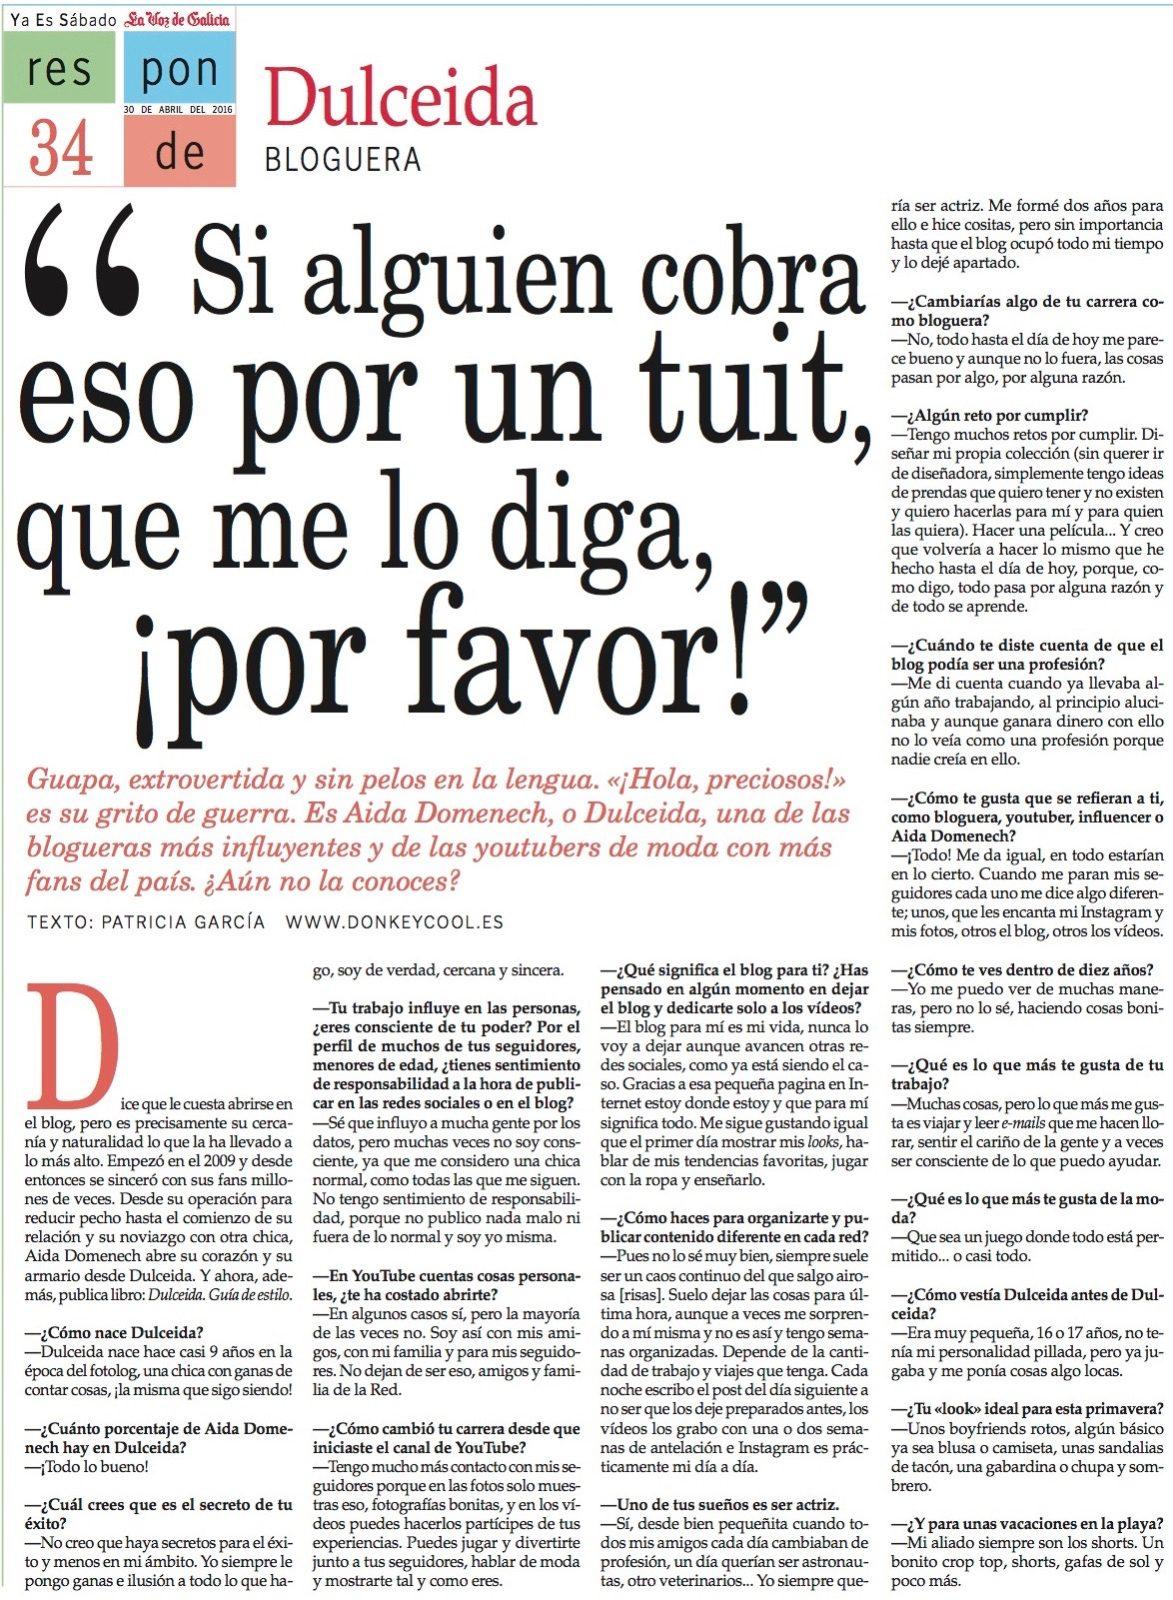 entrevista_dulceida_revista_yes_la_voz_de_galicia_donkeycool_02